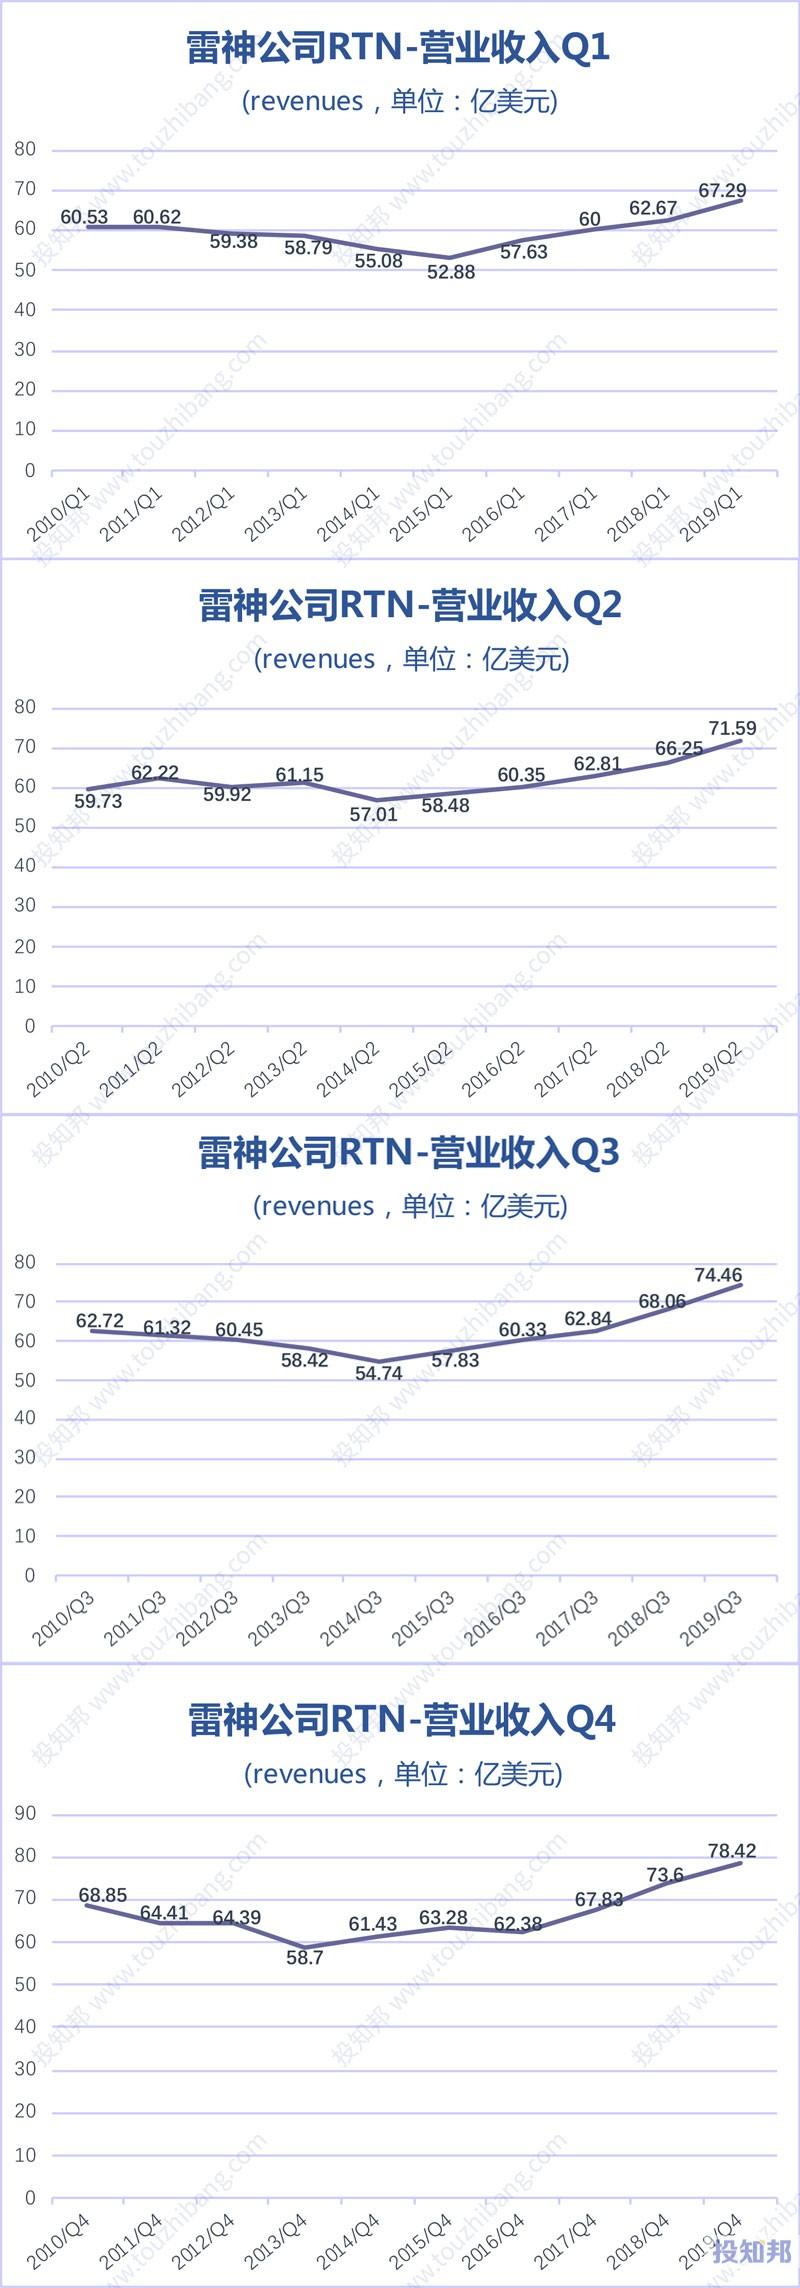 雷神公司(RTN)核心财报数据图示(2010年~2019年)